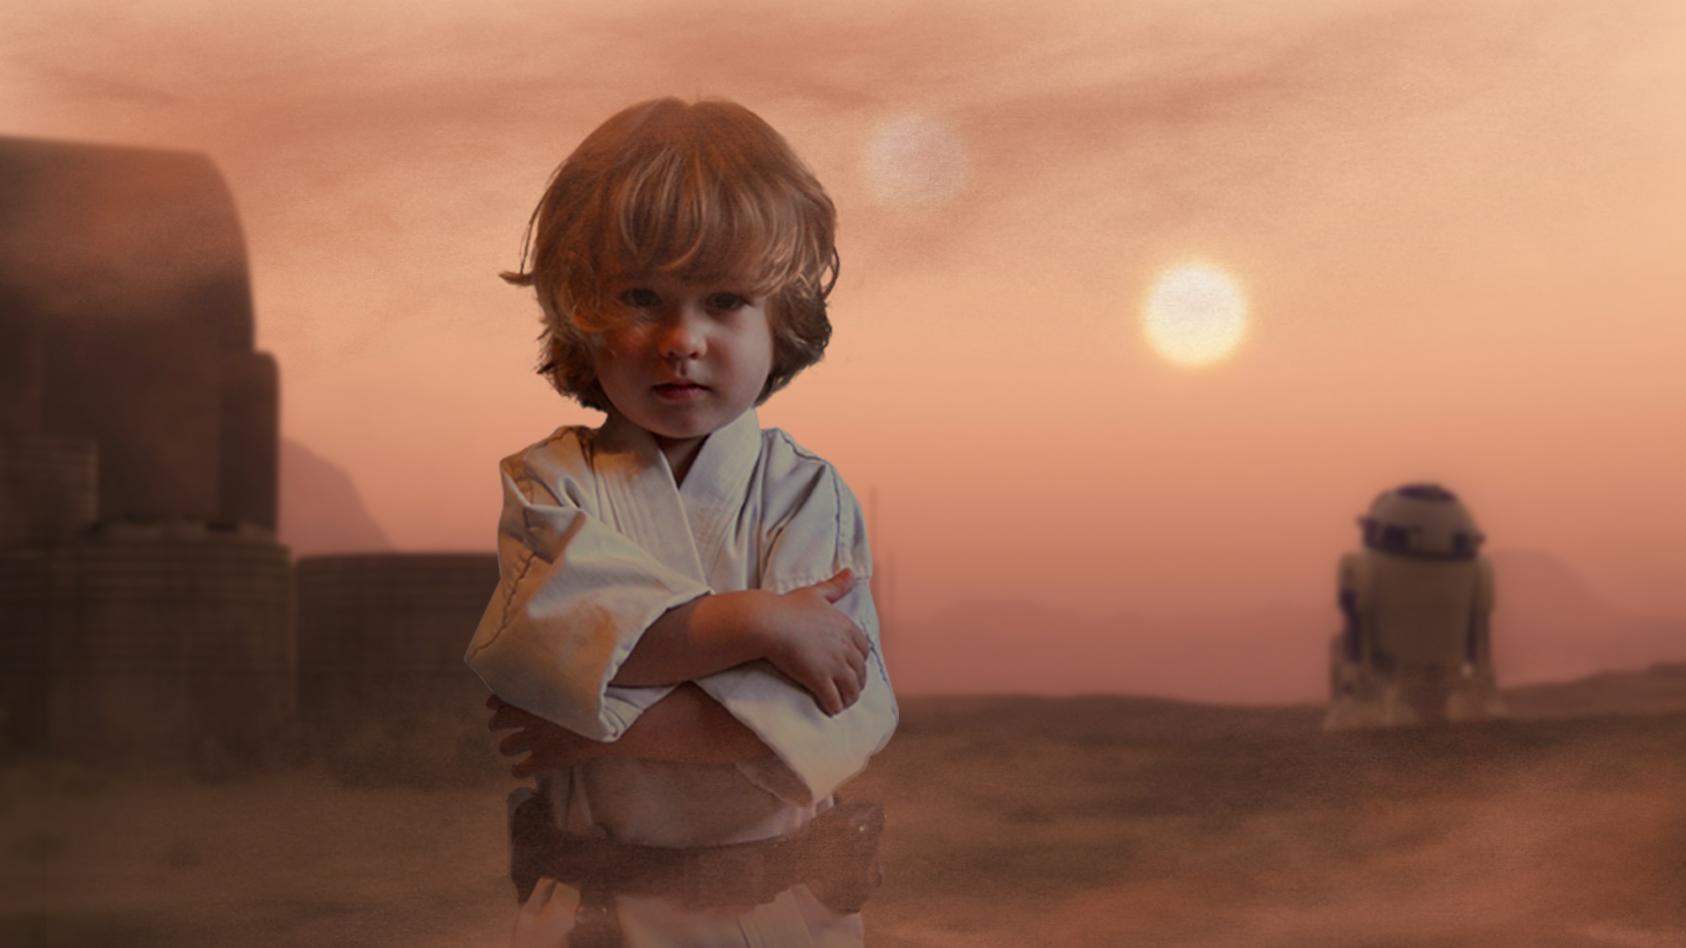 atticus-star-wars-jedi-tatooine.jpg